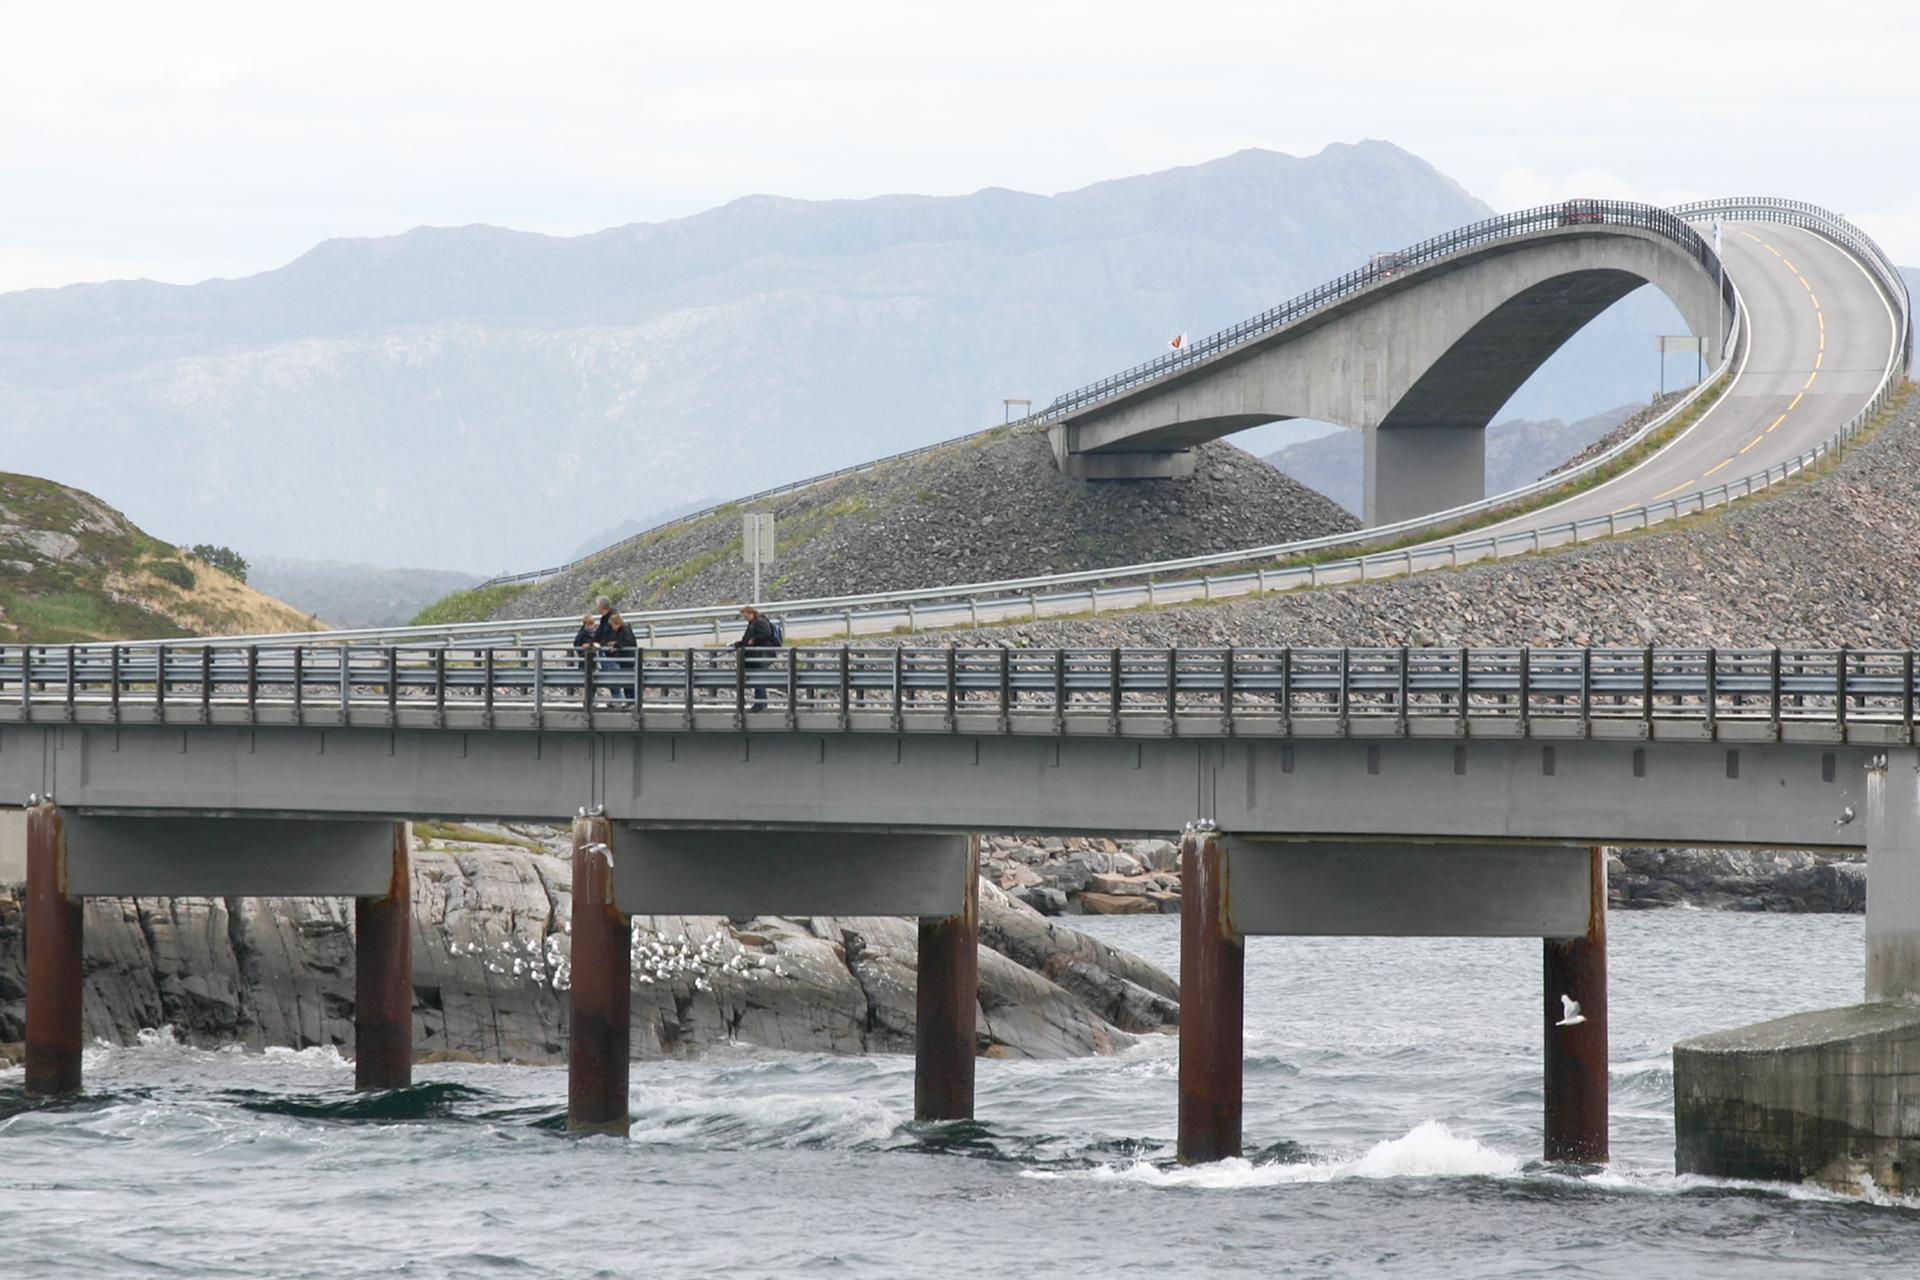 Fotografia prezentuje most łączący brzegi rzeki oraz dwóch wysokich wzniesień.